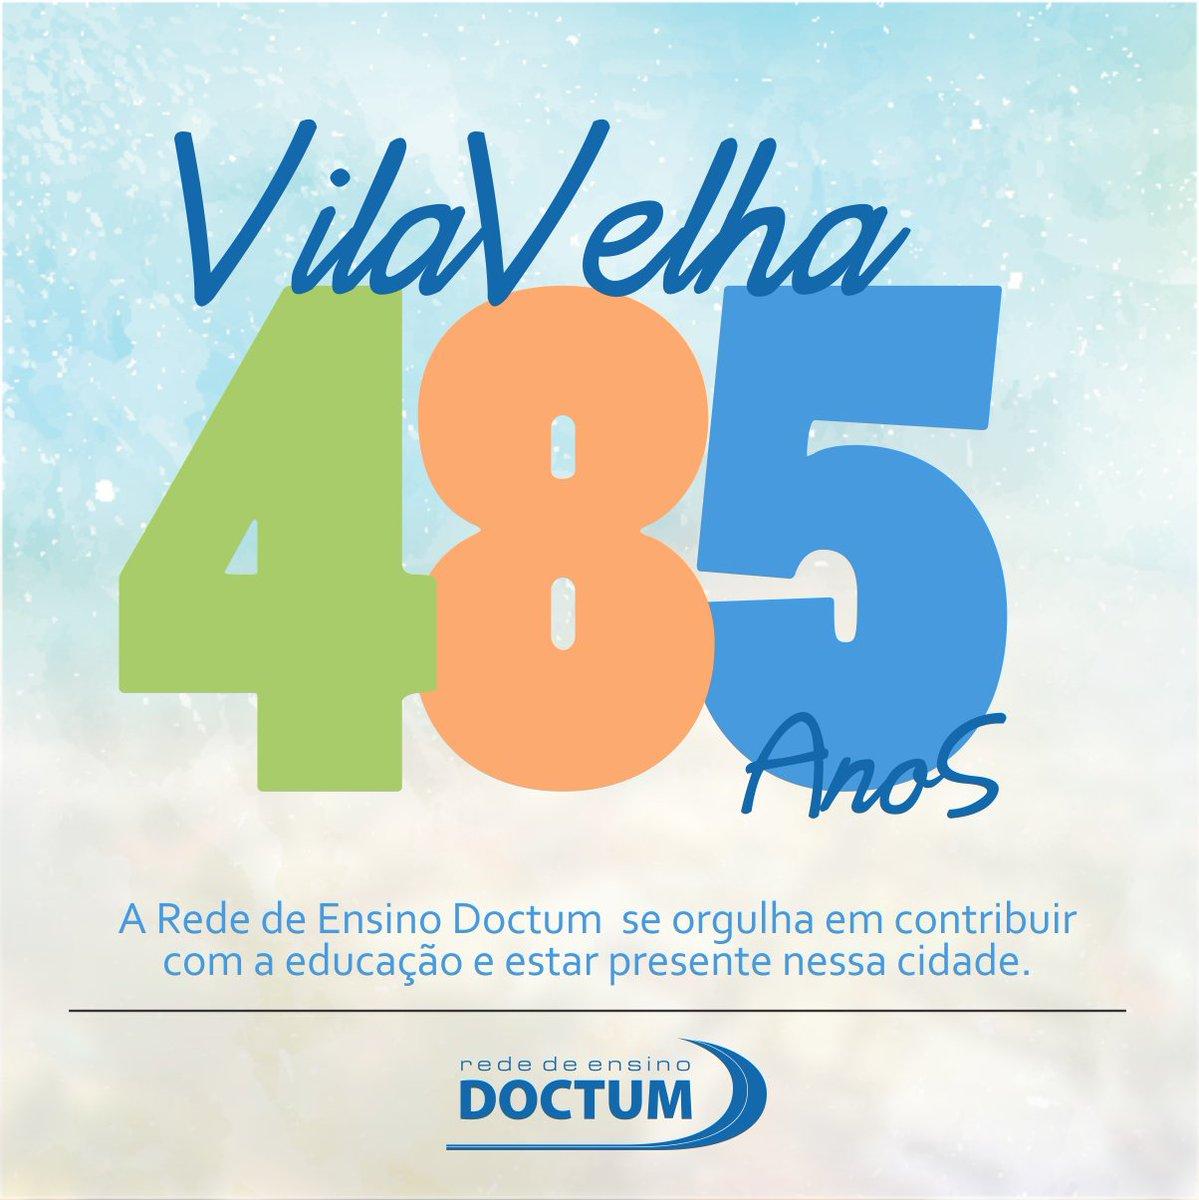 Parabéns, Vila Velha!  #SomosDoctum #RedeDoctum #VilaVelha pic.twitter.com/uVha9ZgmjQ